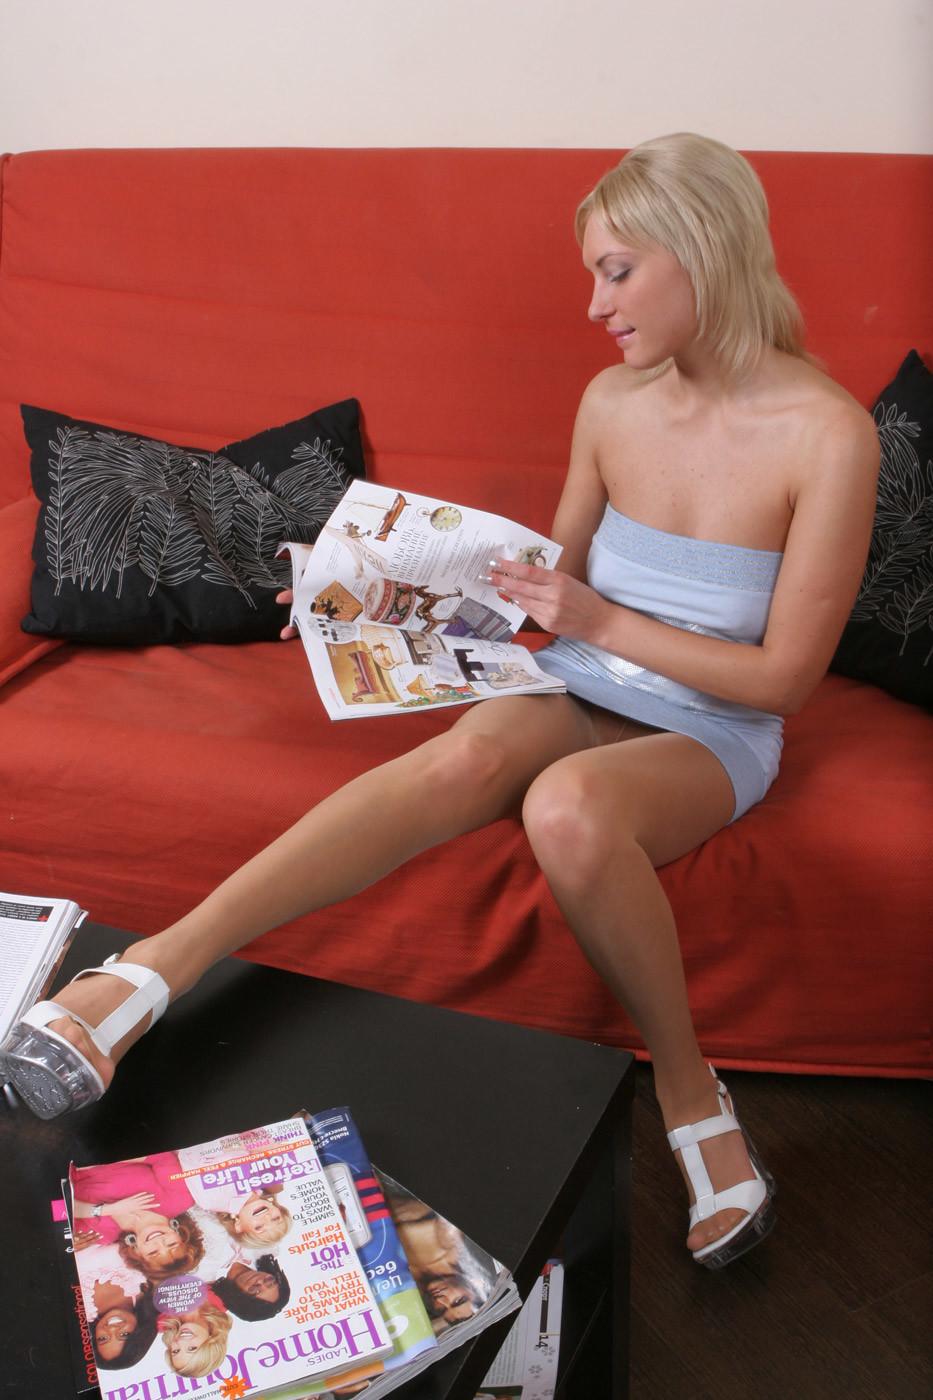 Алиса читает странный журнал